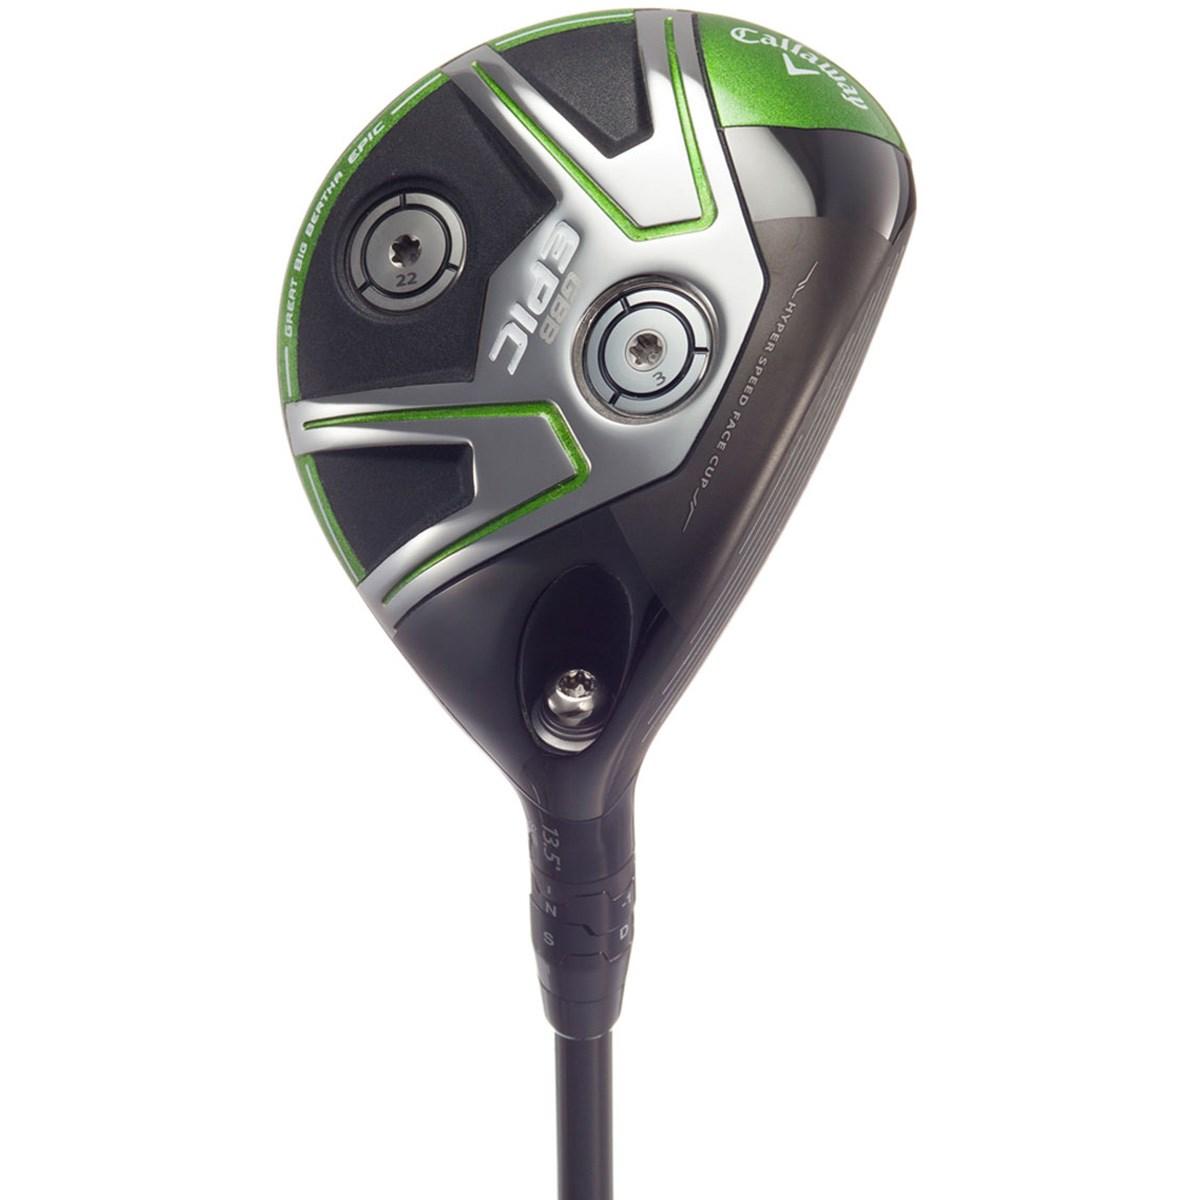 キャロウェイゴルフ(Callaway Golf) GBB エピック サブゼロ フェアウェイウッド Speeder Evolution for GBB